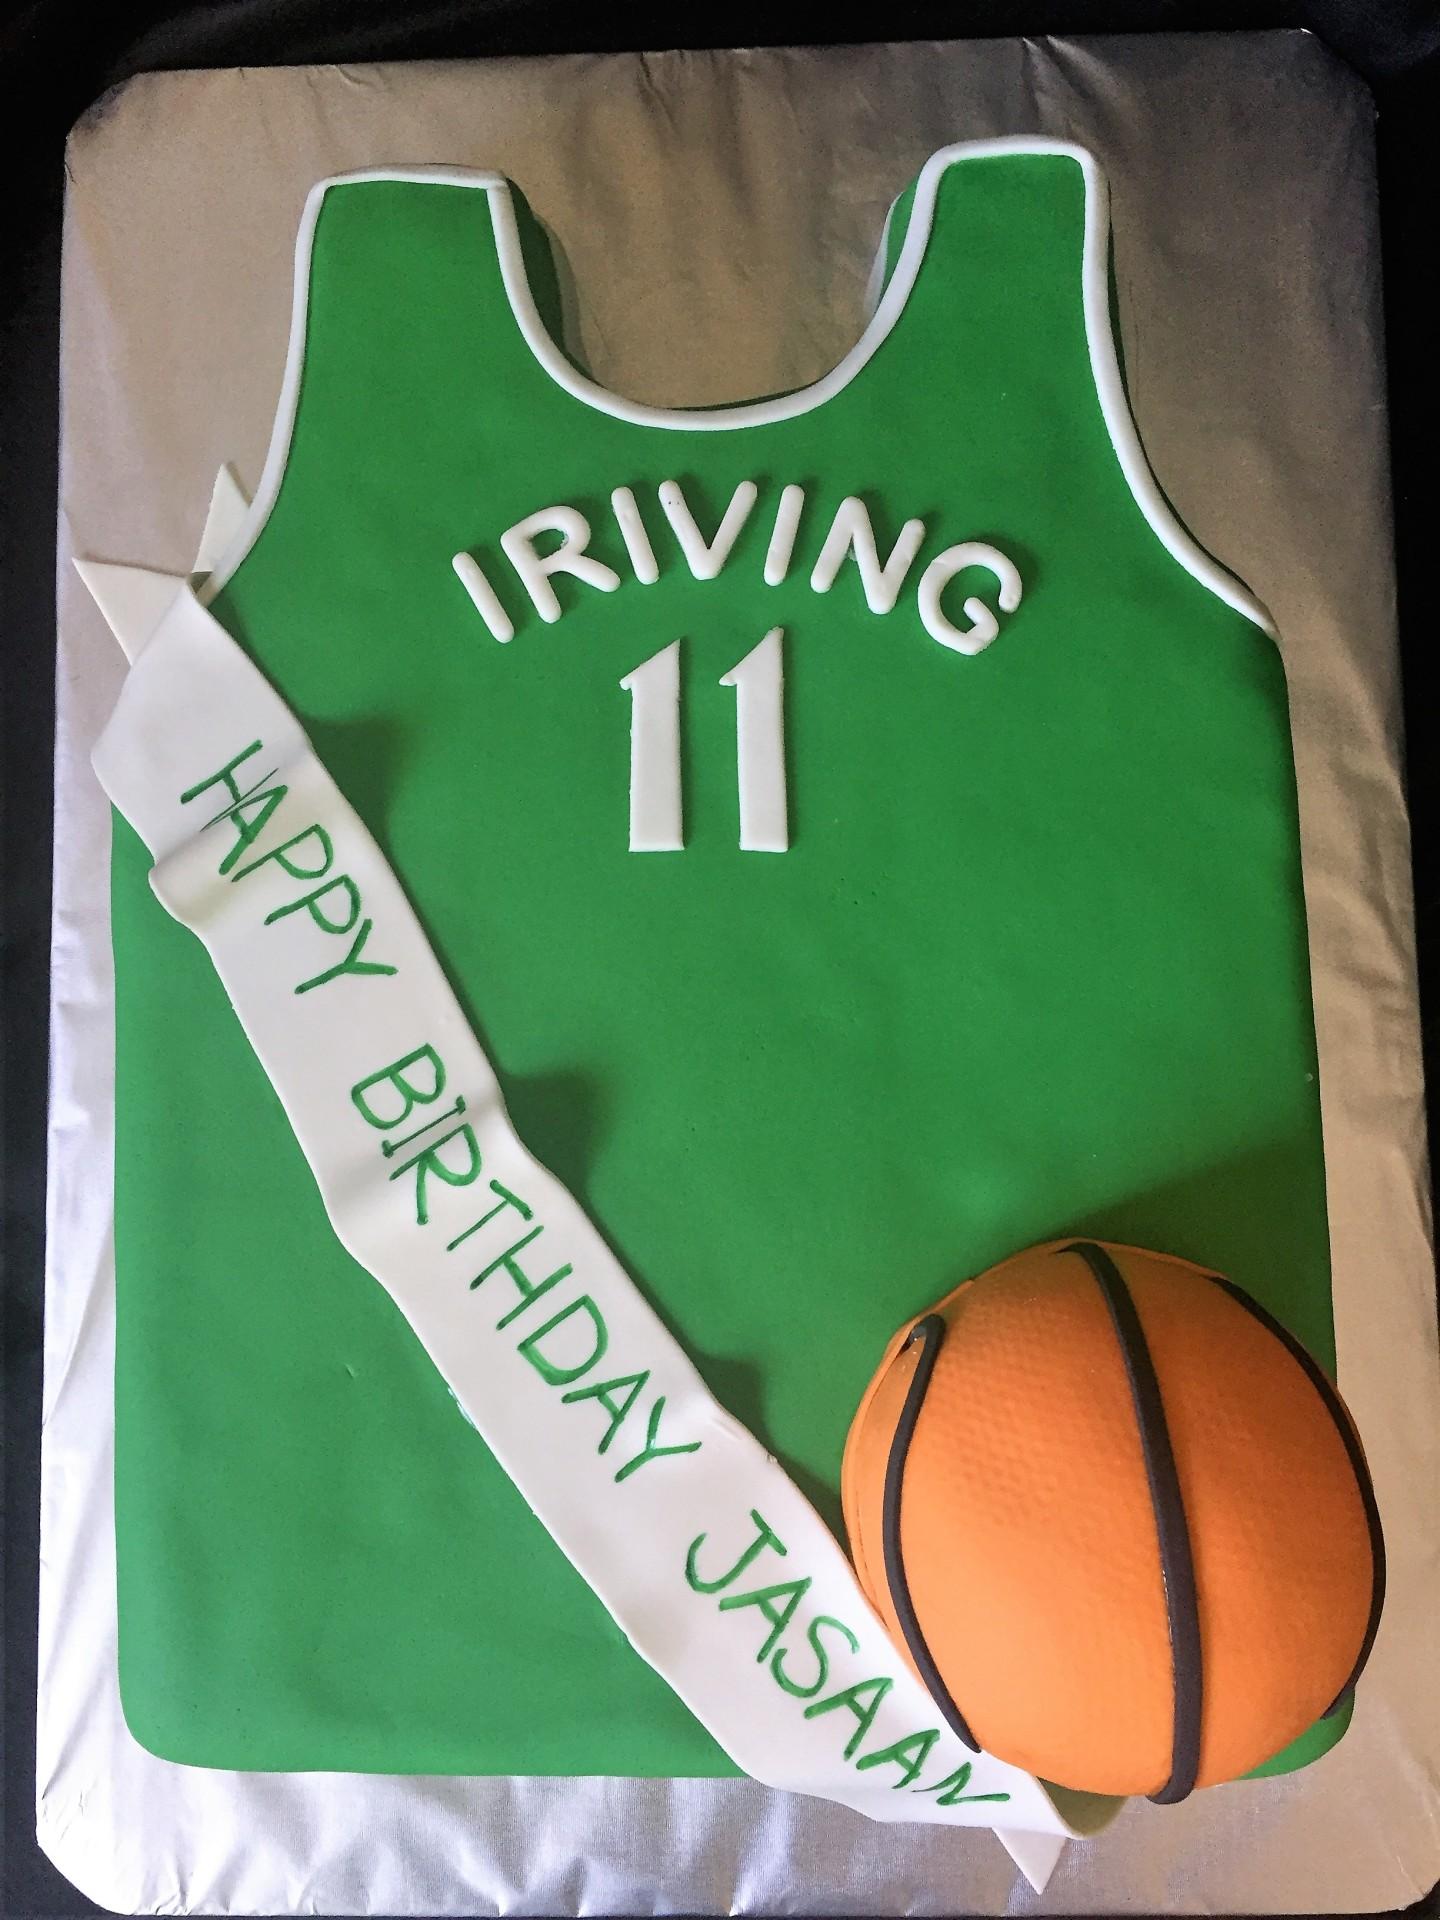 Green jersey basketball